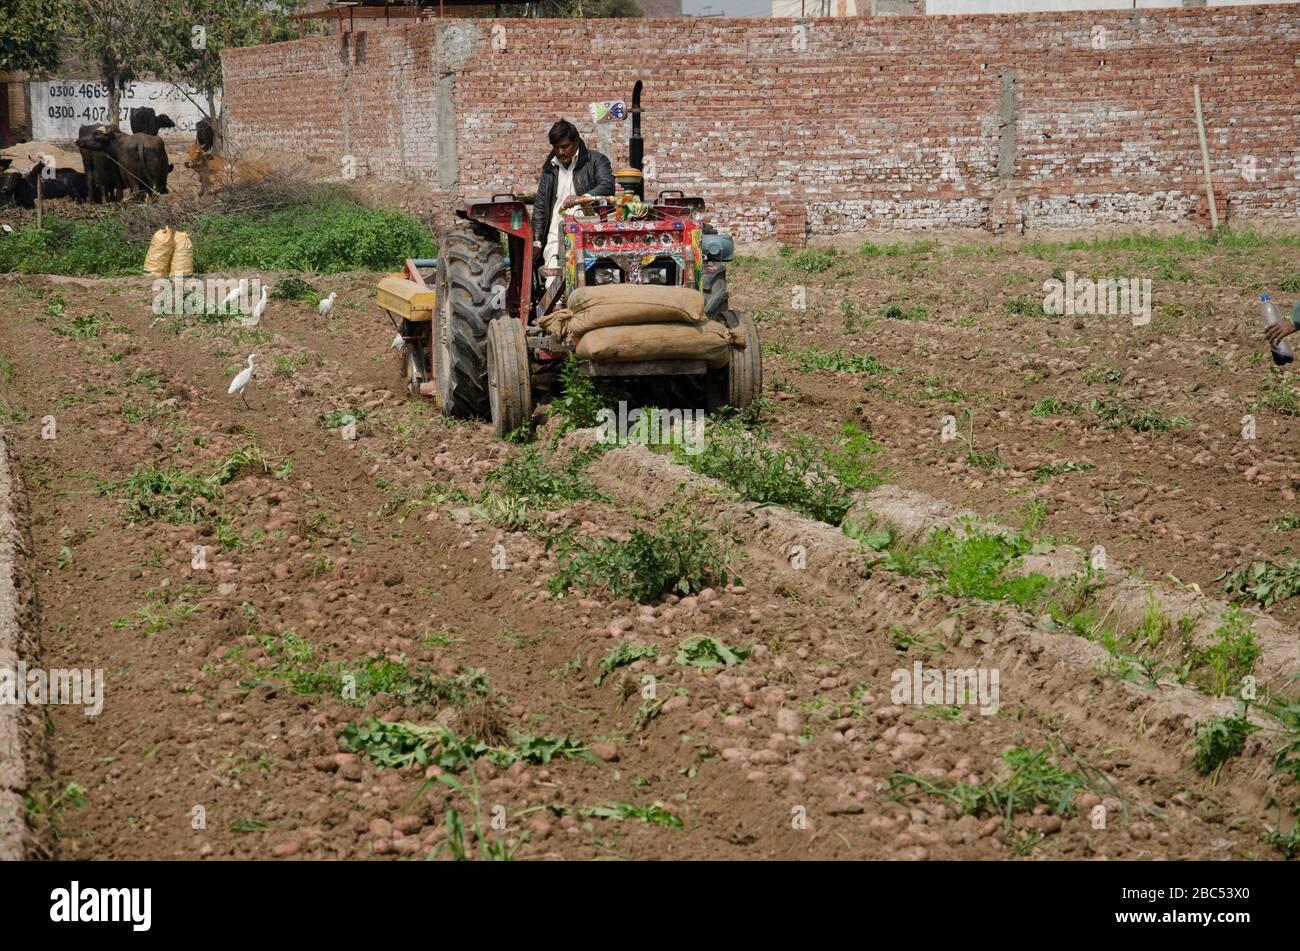 Agriculteur utilisant une machine de récolte de pommes de terre dans le district de Sharaqpur, au Punjab, au Pakistan. Banque D'Images